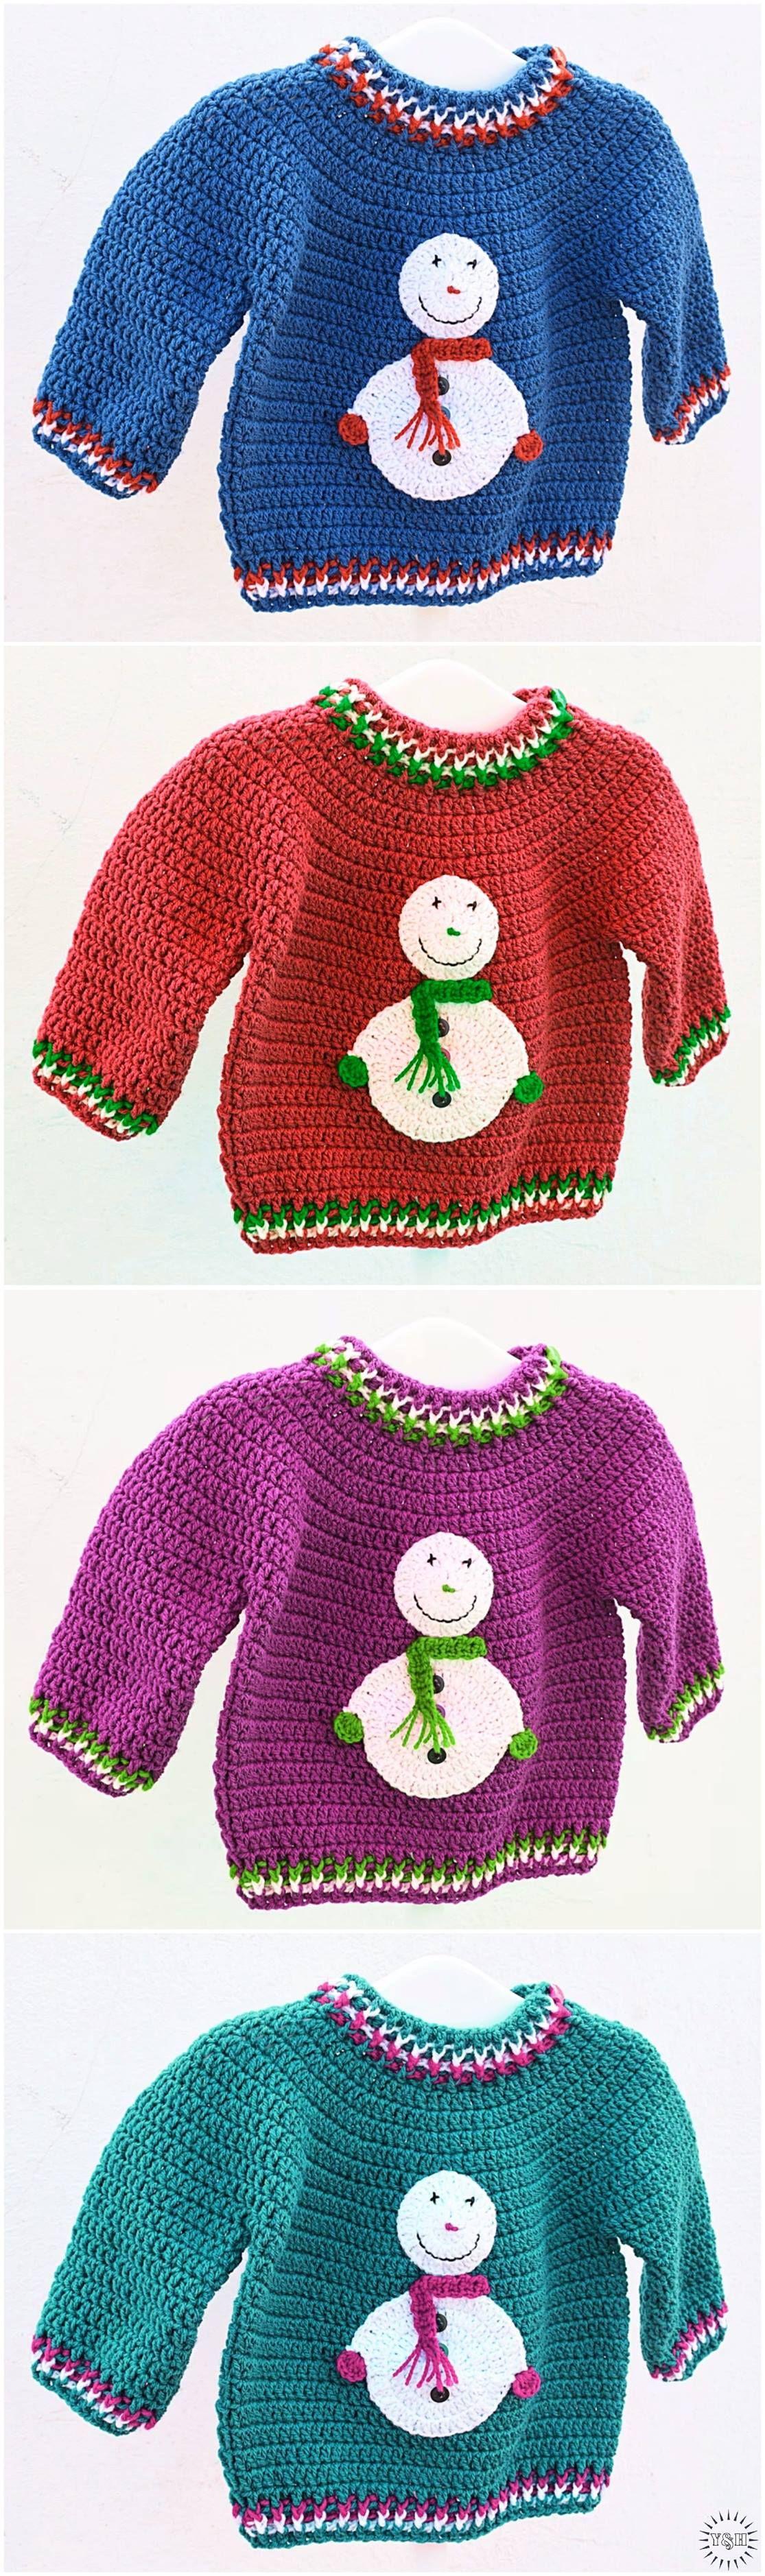 Christmas Sweater Free Crochet Pattern | Häkeln, Häkelideen und ...